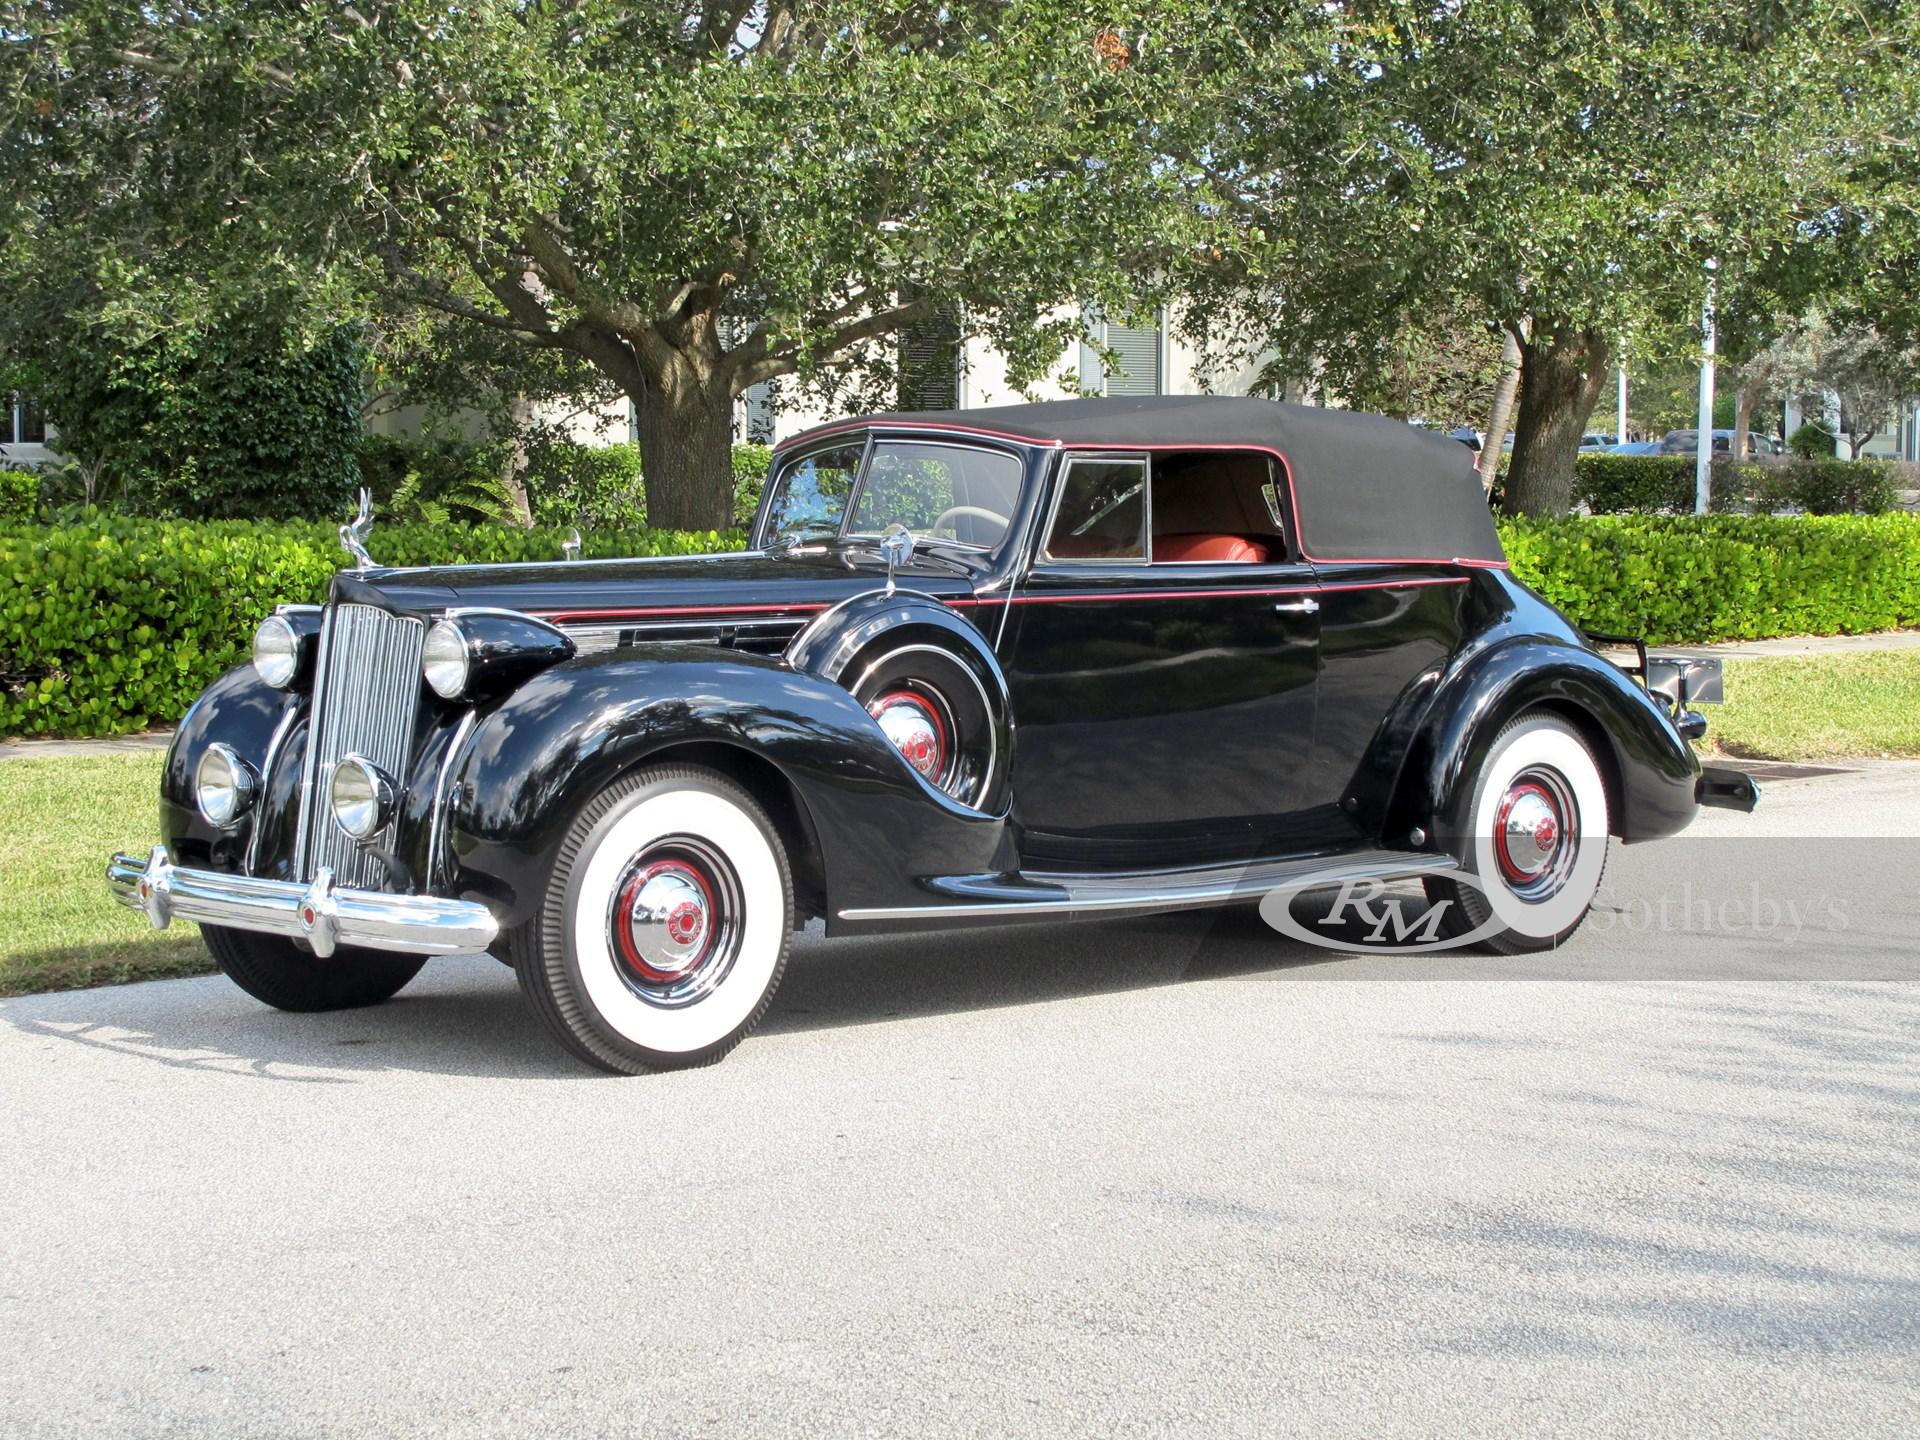 1938 Packard Twelve Convertible Victoria